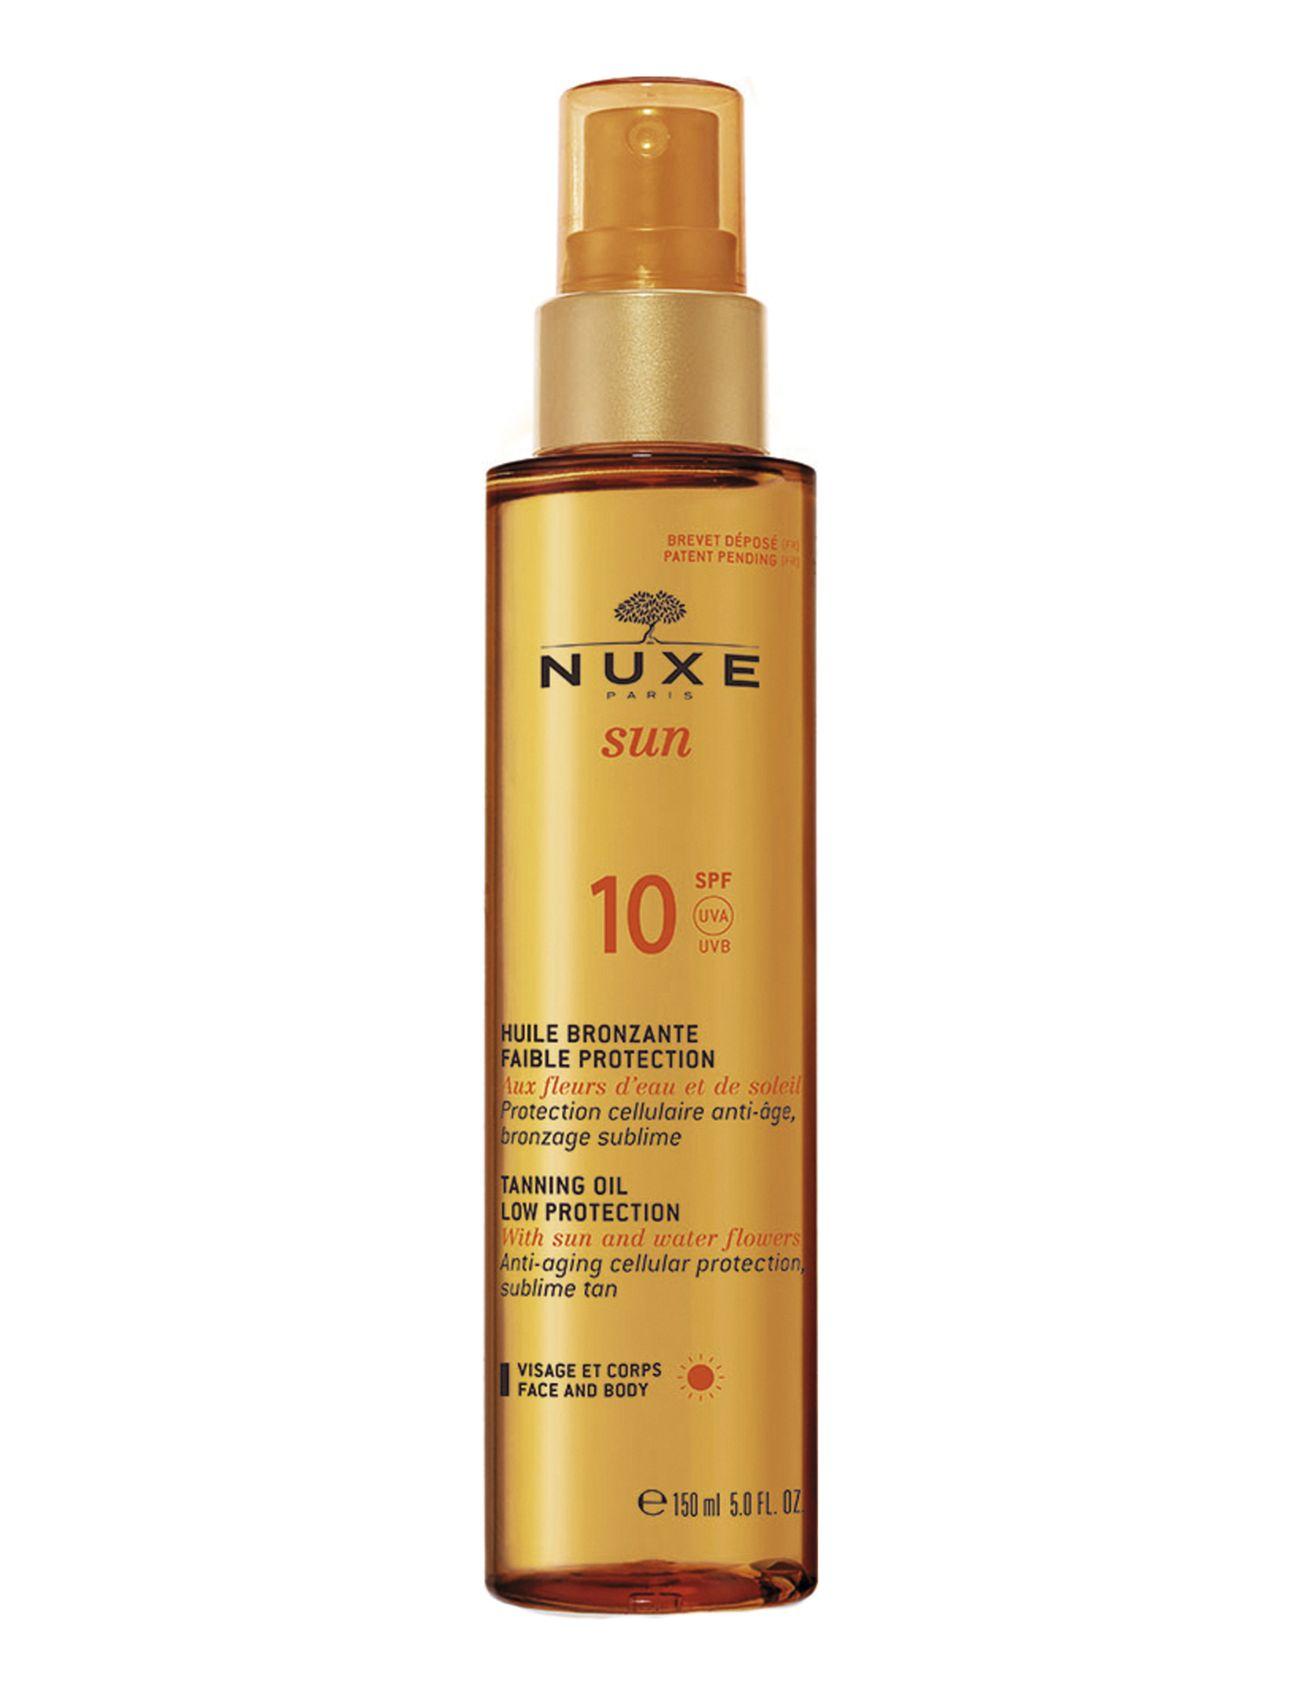 nuxe Tanning oil face & body spf10 på boozt.com dk